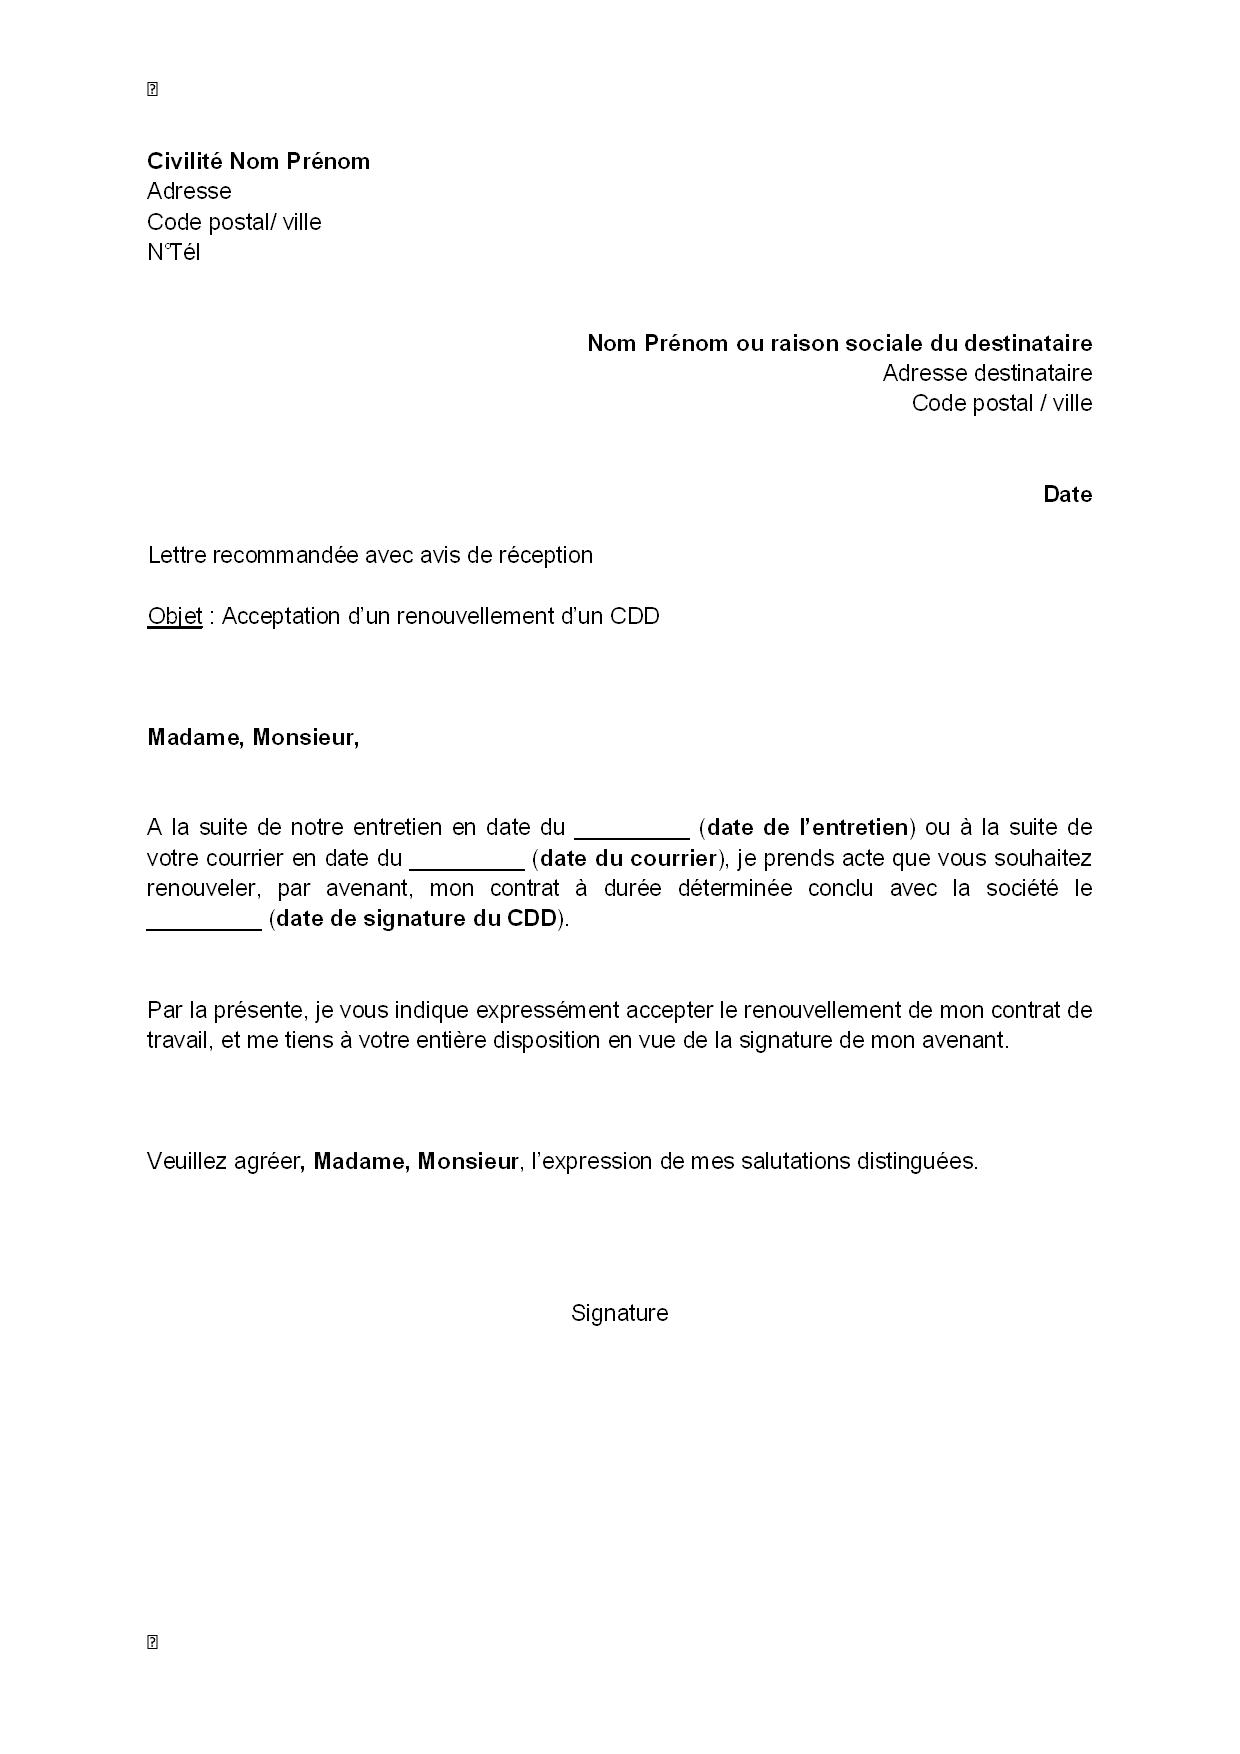 lettre d u0026 39 acceptation du renouvellement d u0026 39 un cdd